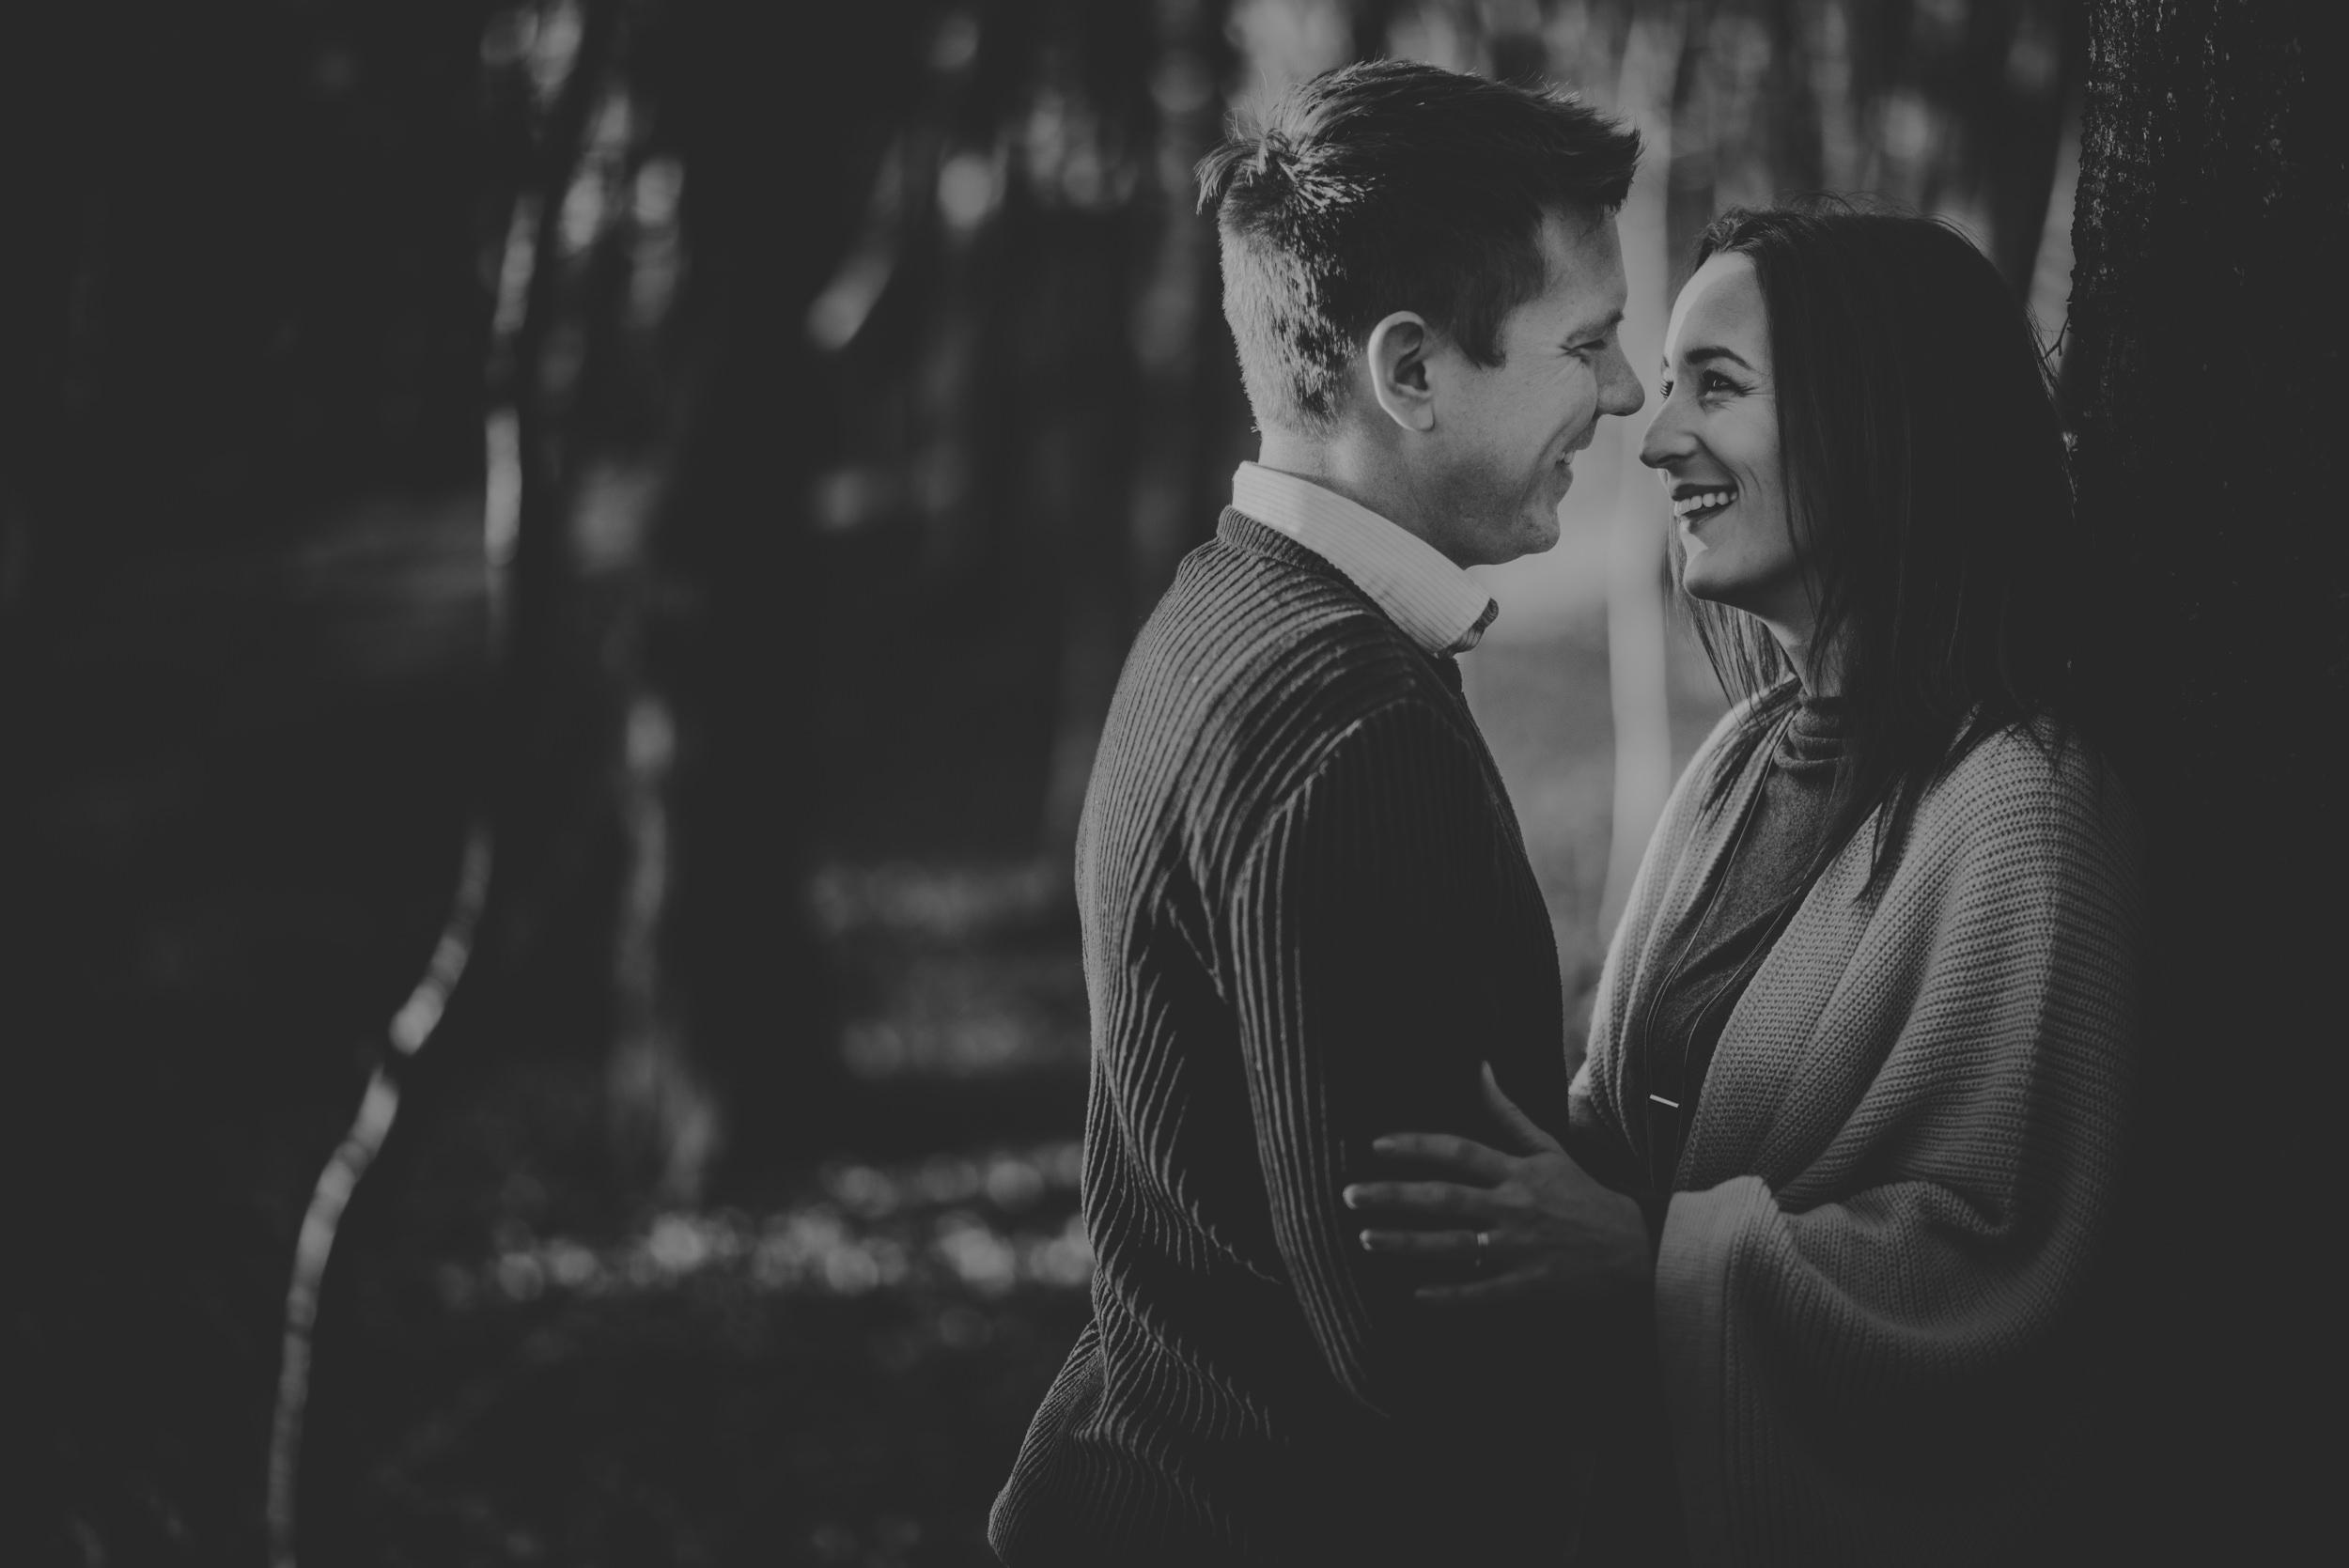 Caroline-Mark-Engagement-Session-Fleet-Pond-Hampshire-Manu-Mendoza-Wedding-Photography-033.jpg